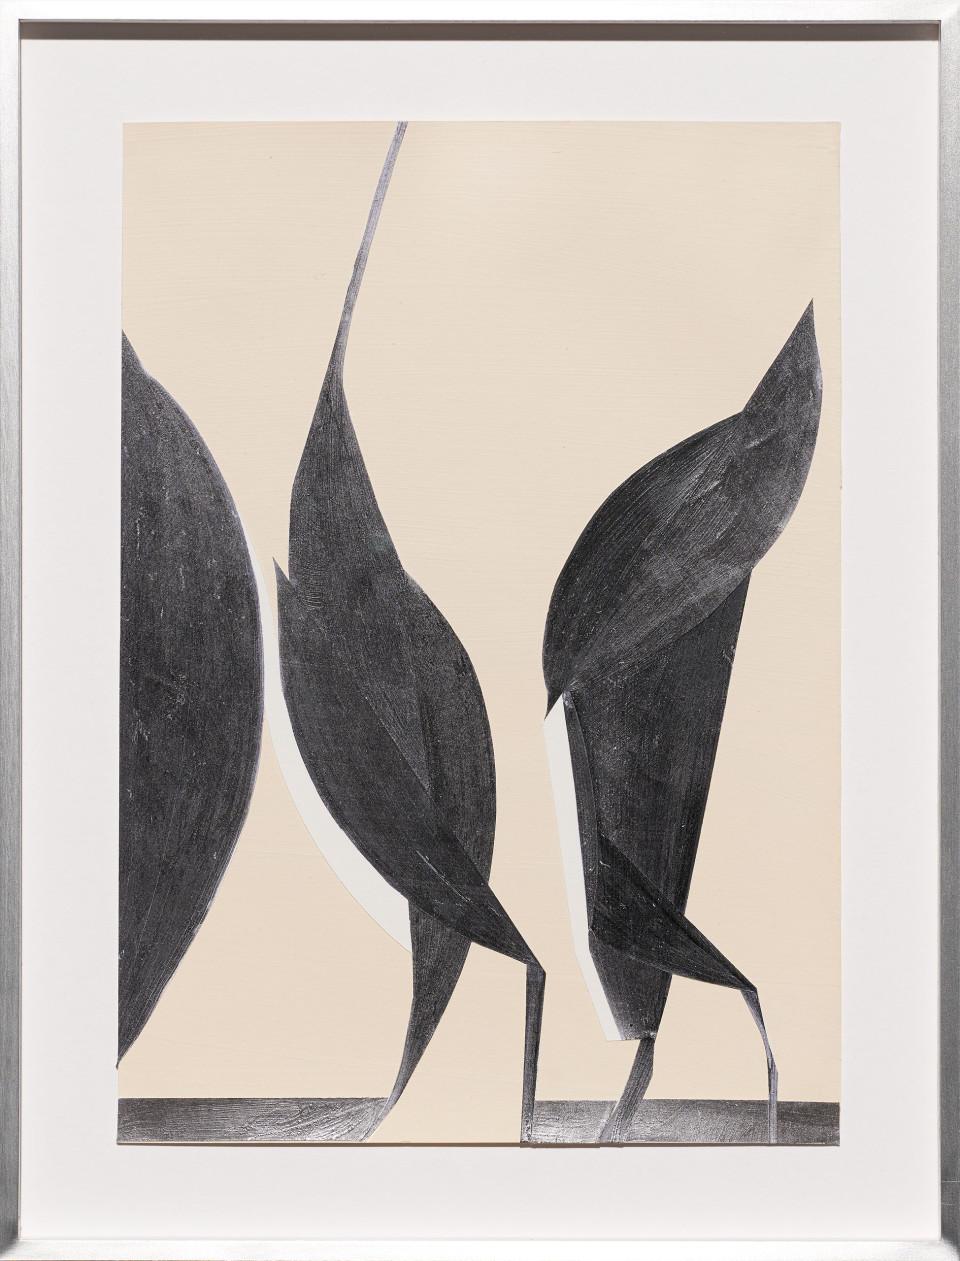 Frauke Dannert  Zaunkönig, 2018  Paper Collage  29 x 21 cm 11 3/8 x 8 1/4 in